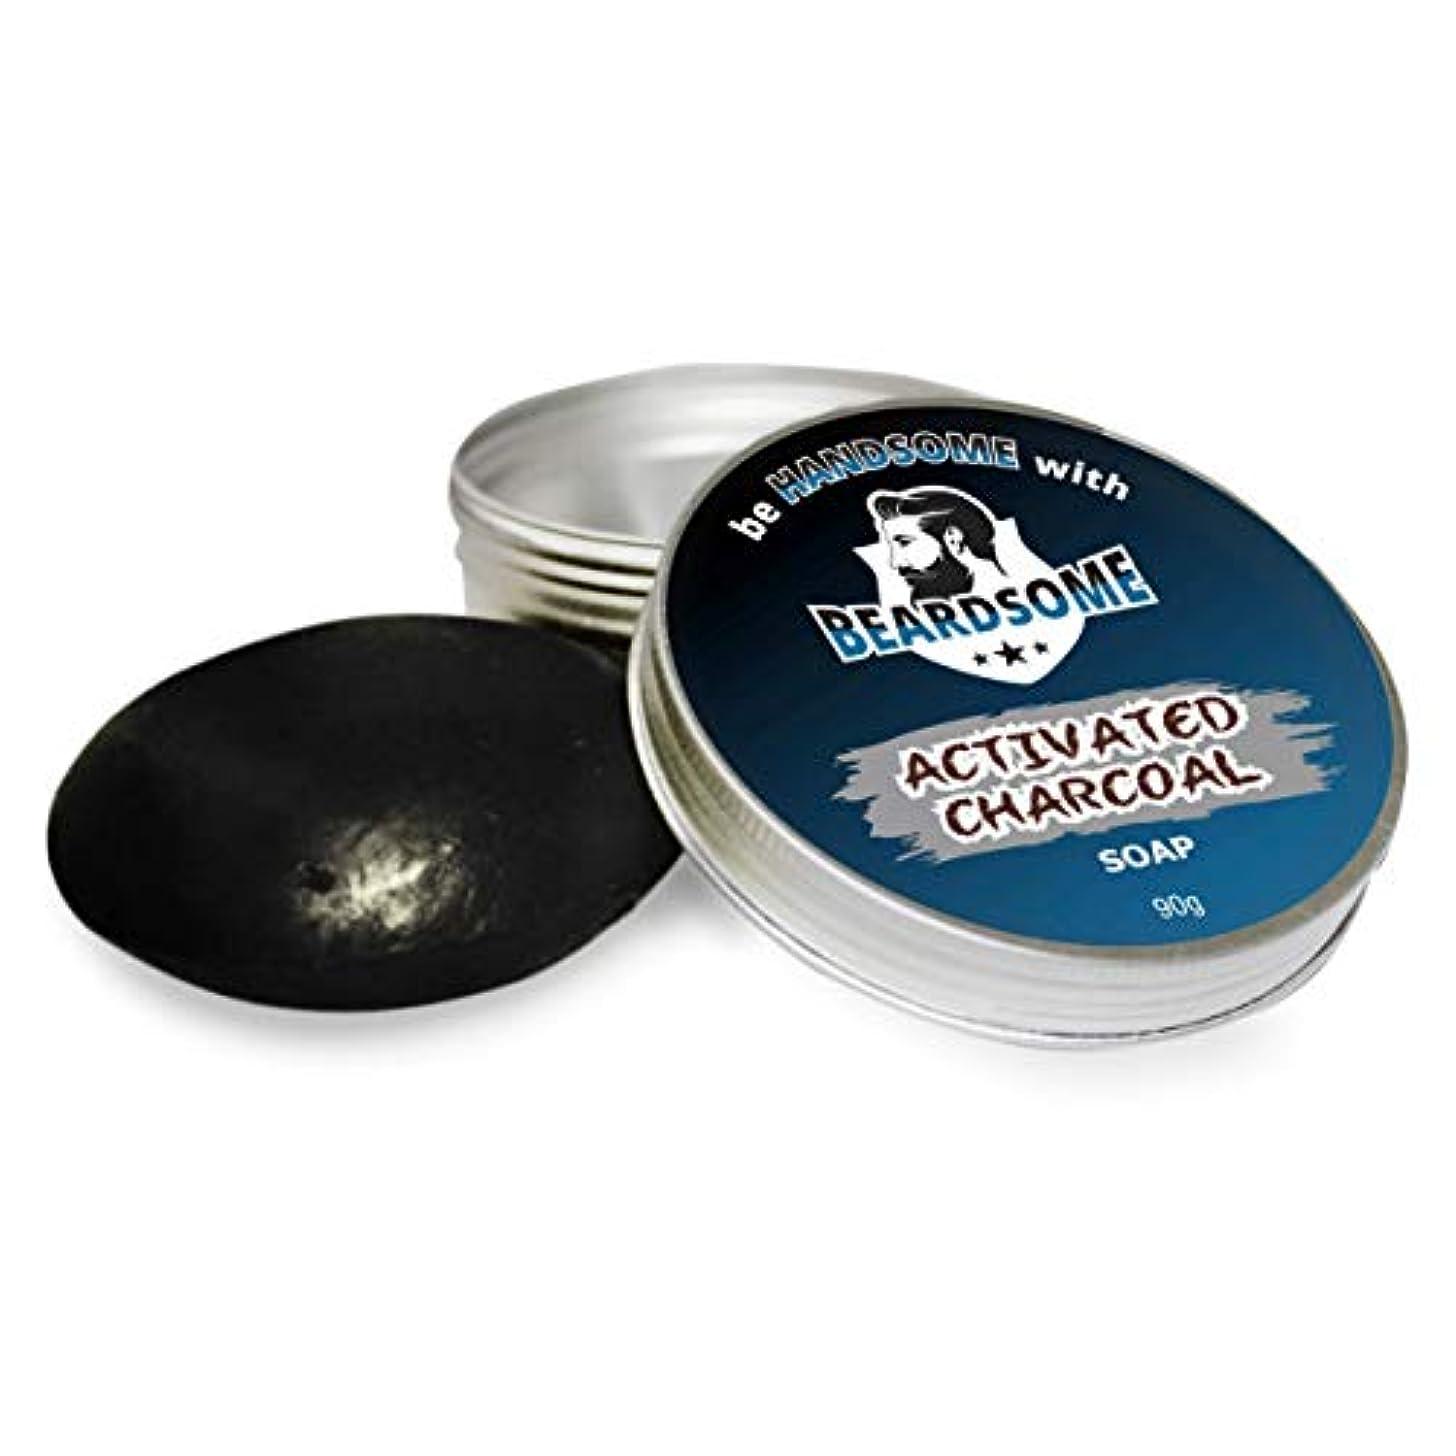 チラチラするゴネリル百万BEARDSOME Activated Charcoal Soap For Men 90g